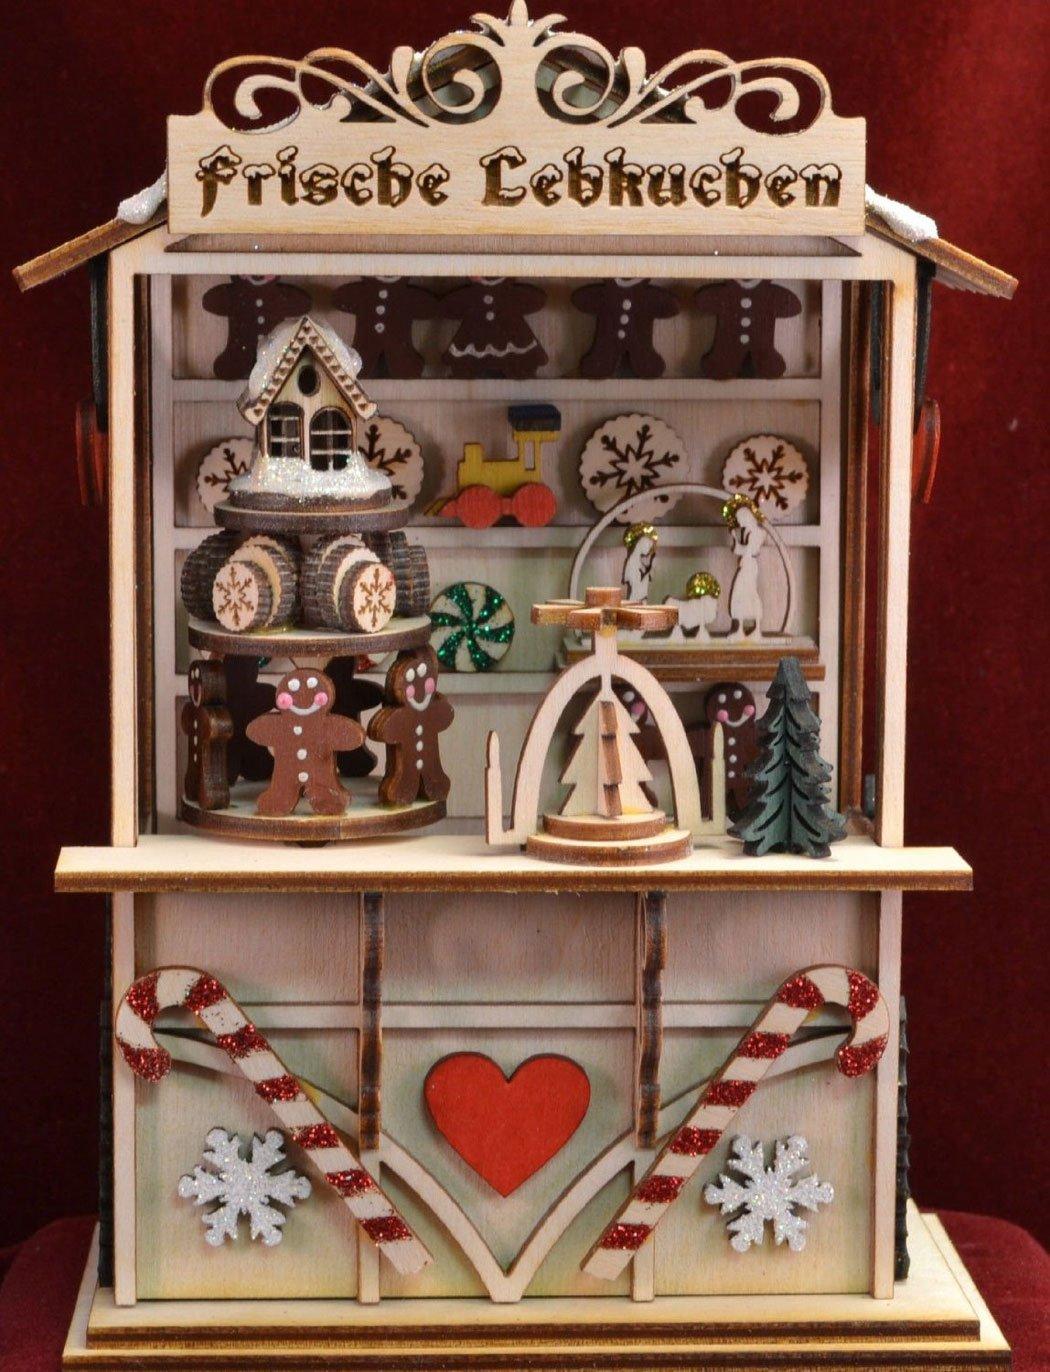 世界的に有名な ジンジャーコテージ – B00U6E2JNG Gingerbread町音楽ボックスgcm105 – B00U6E2JNG, 銀座カレン:a57484e4 --- arcego.dominiotemporario.com